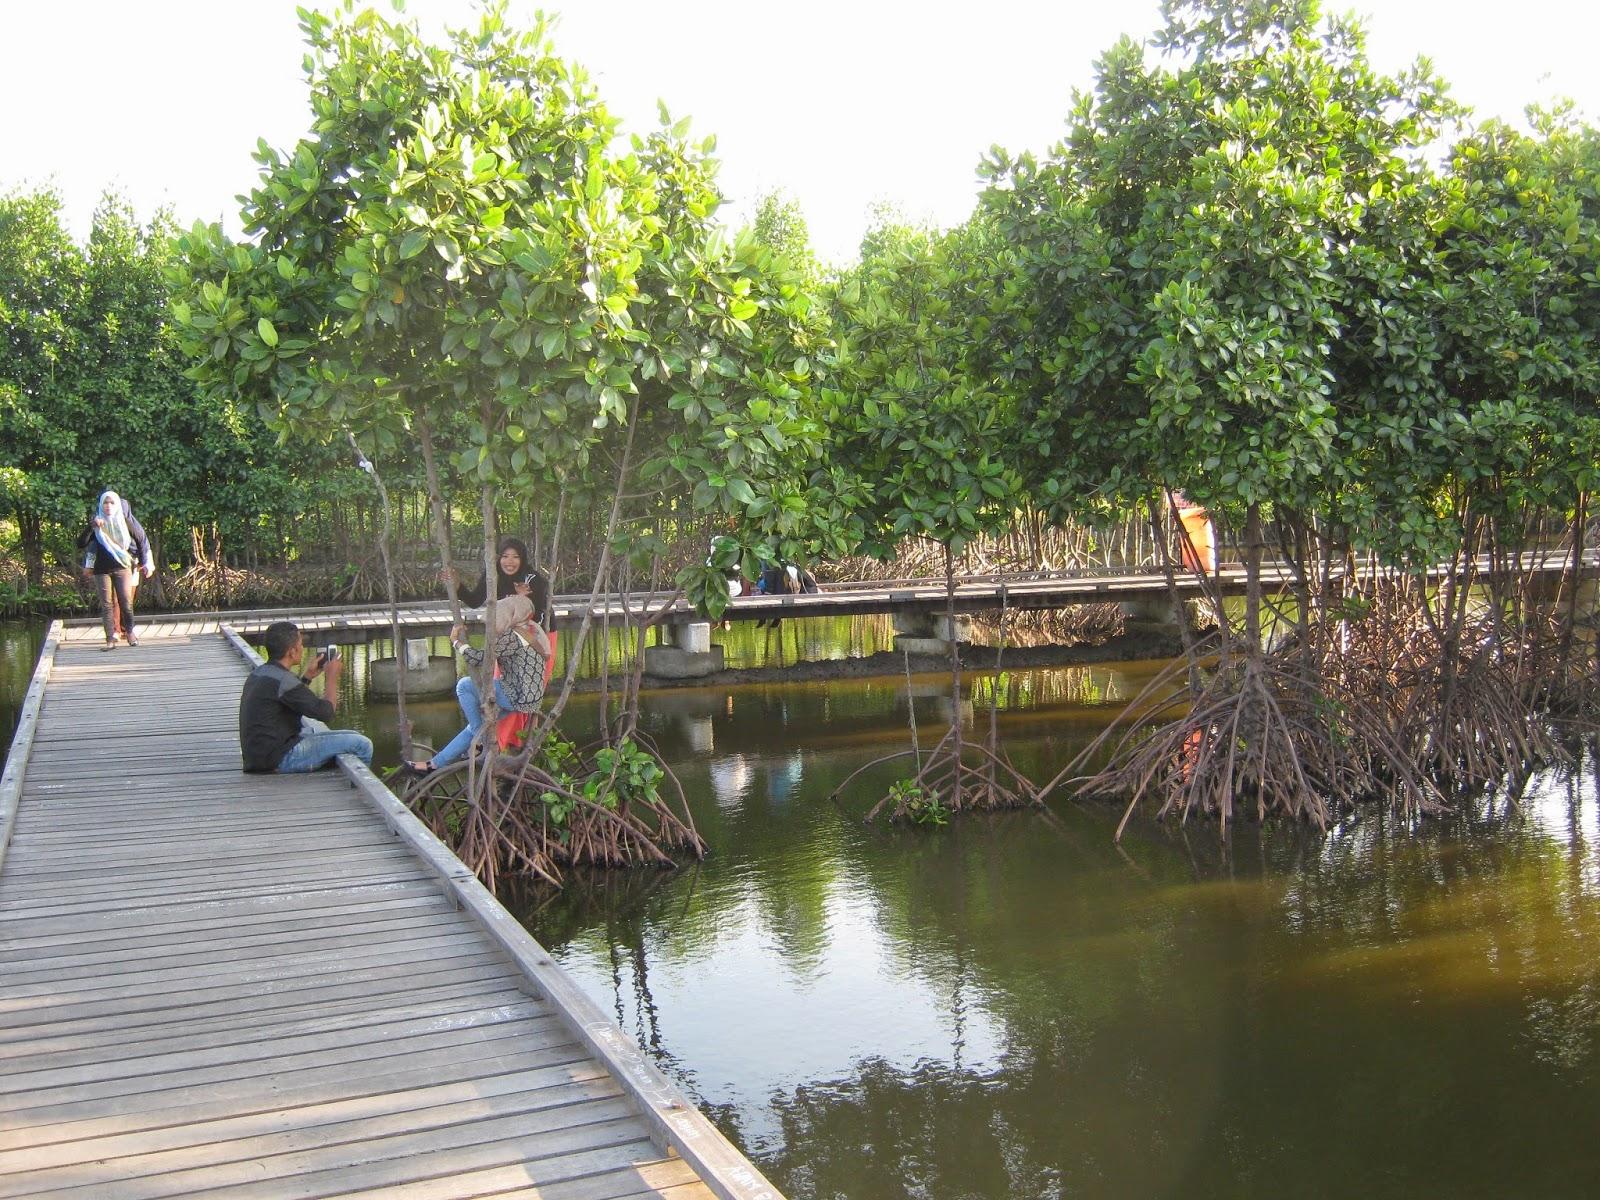 Liburan Hutan Kota Banda Aceh Steemit Bni